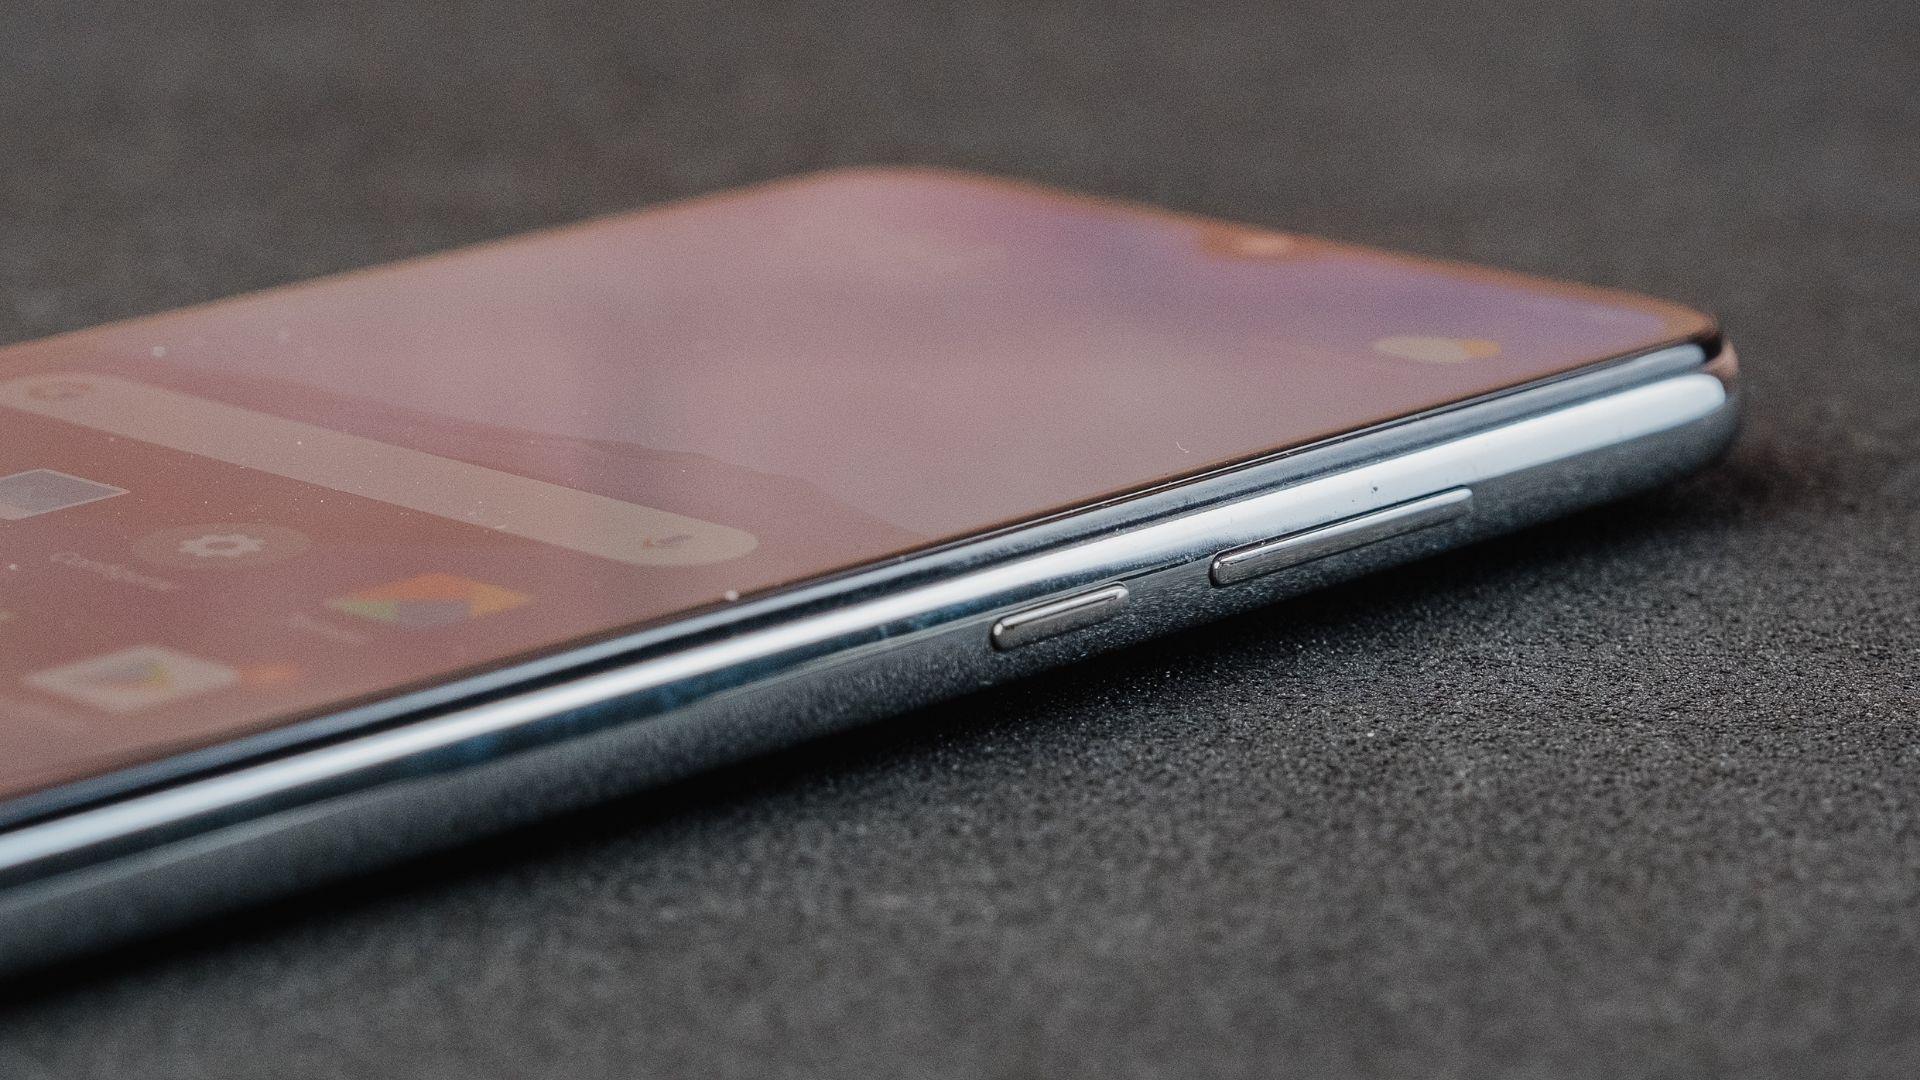 Detalhe dos botões laterais do Redmi Note 8 (Foto: Zoom)